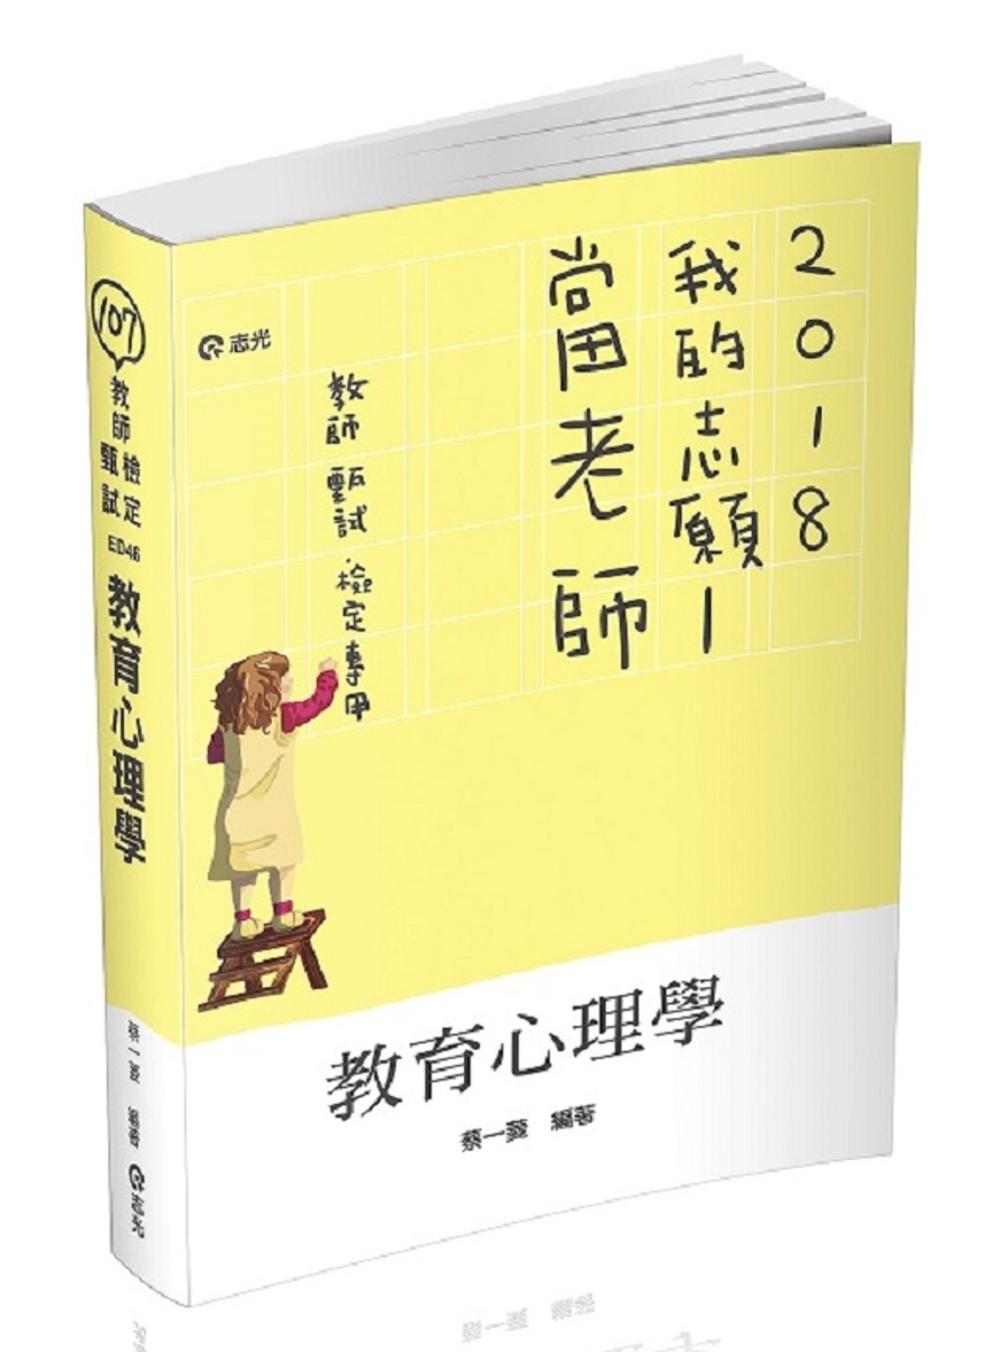 教育心理學( 教師檢定、教師甄試專用)